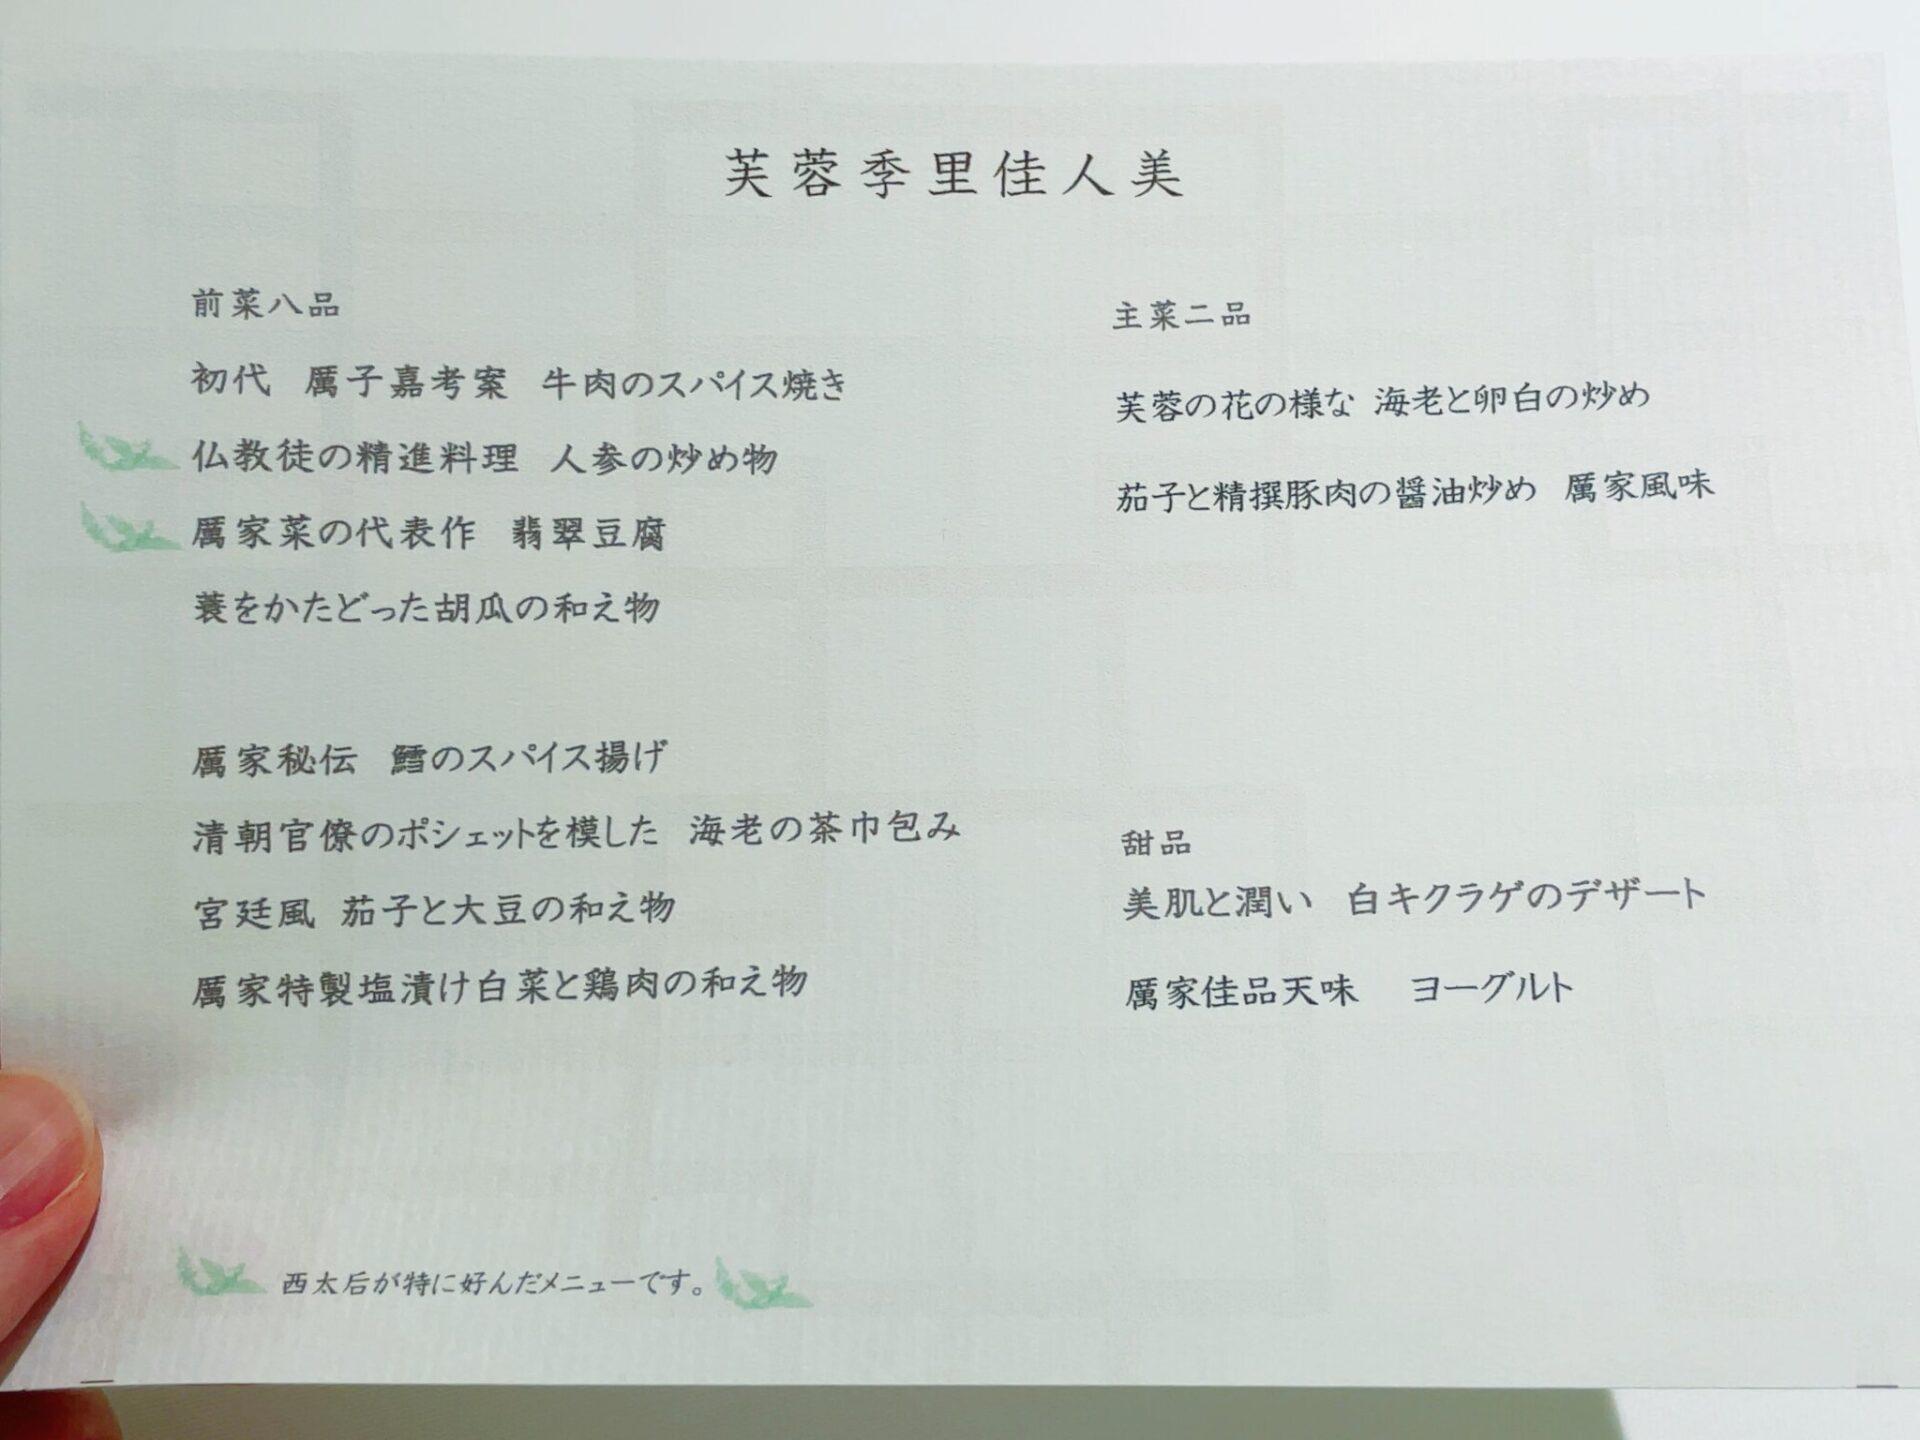 厲家菜(レイカサイ)銀座のランチコースメニュー